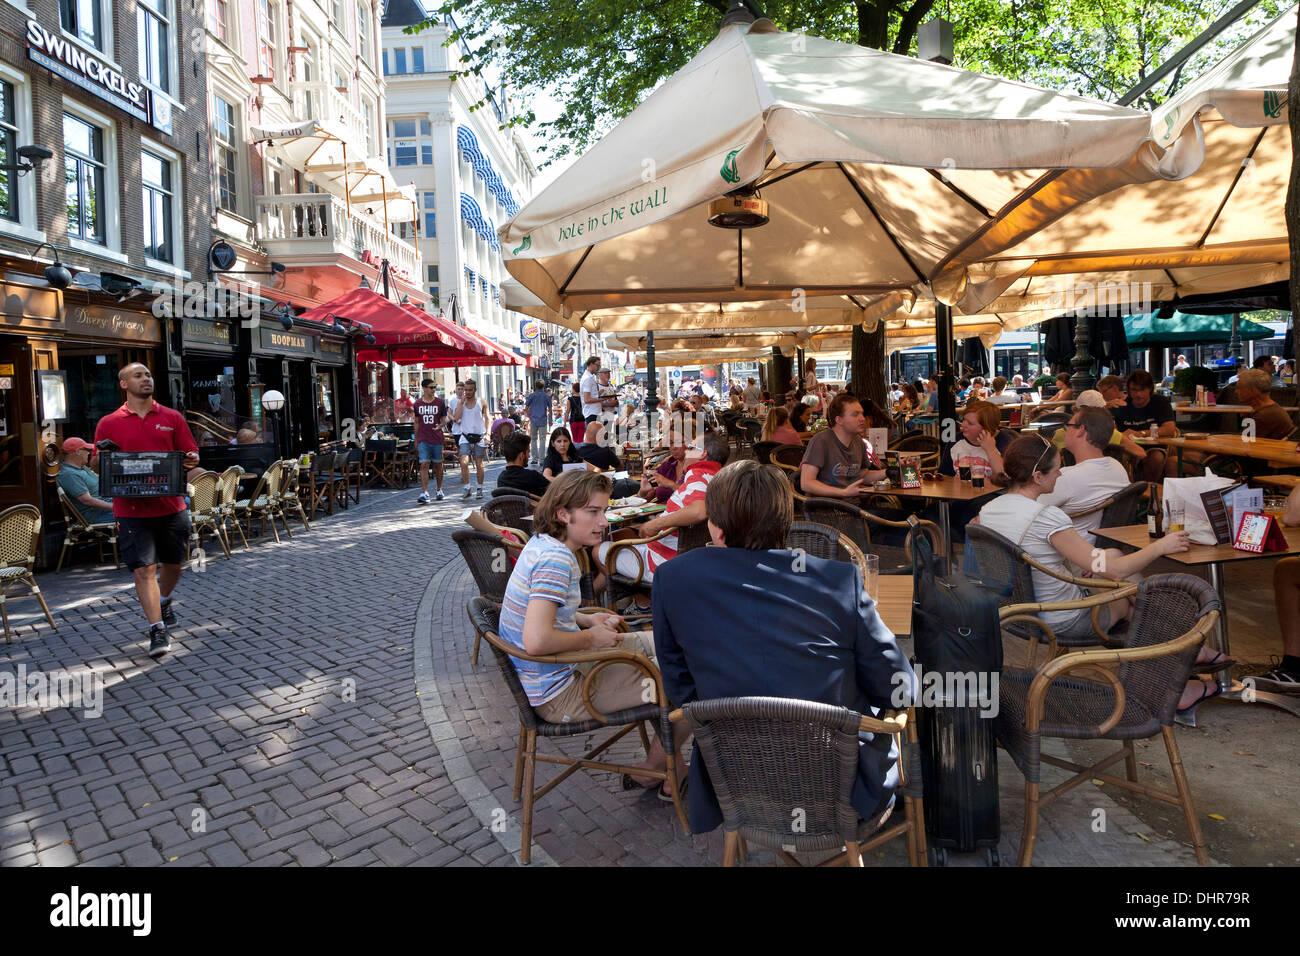 Terrazas de verano en la plaza Leidseplein en Amsterdam, Países Bajos Imagen De Stock